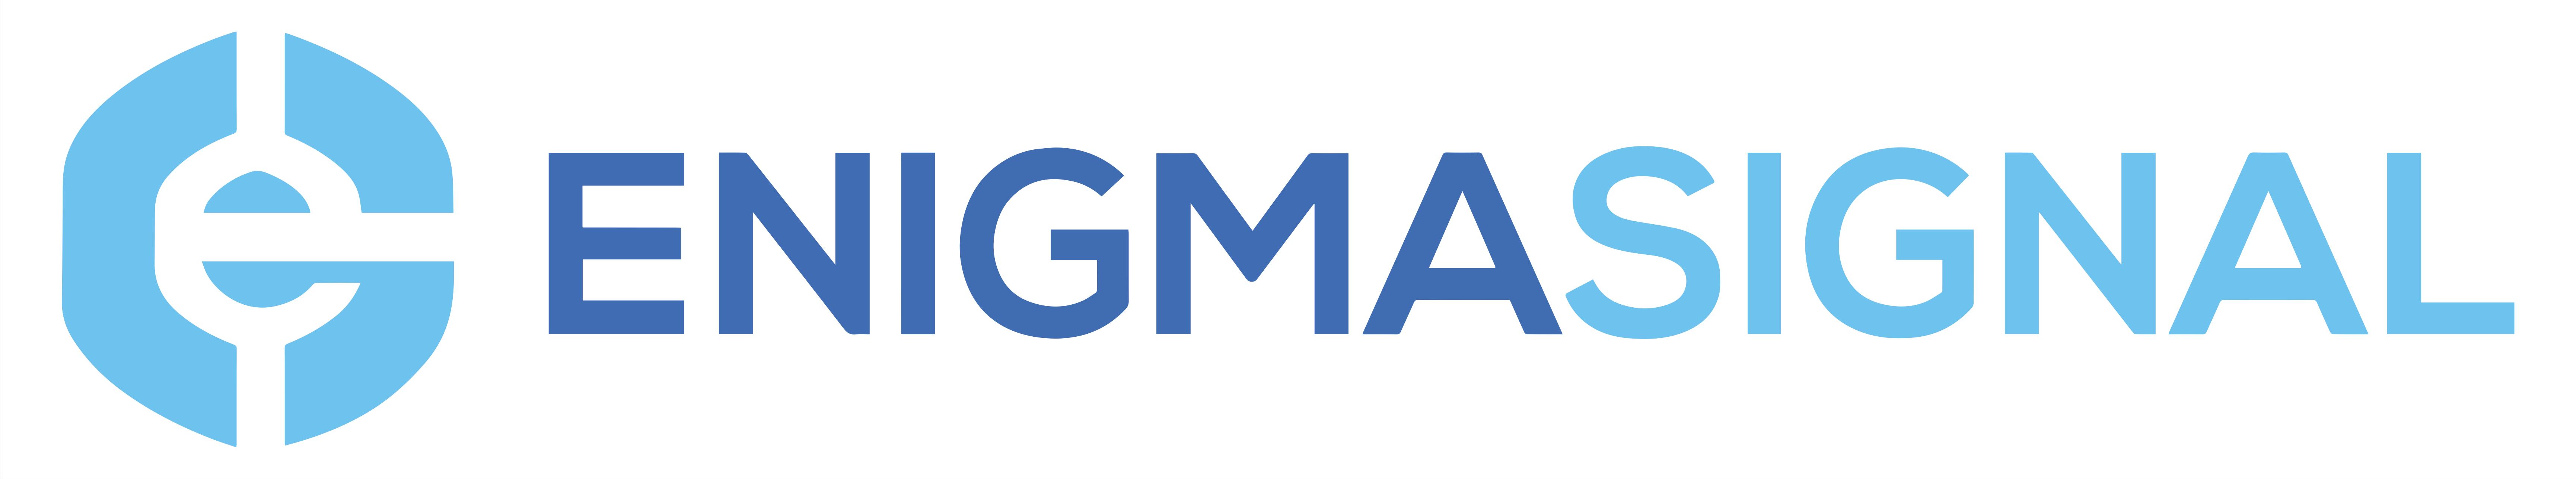 EnigmaSignal